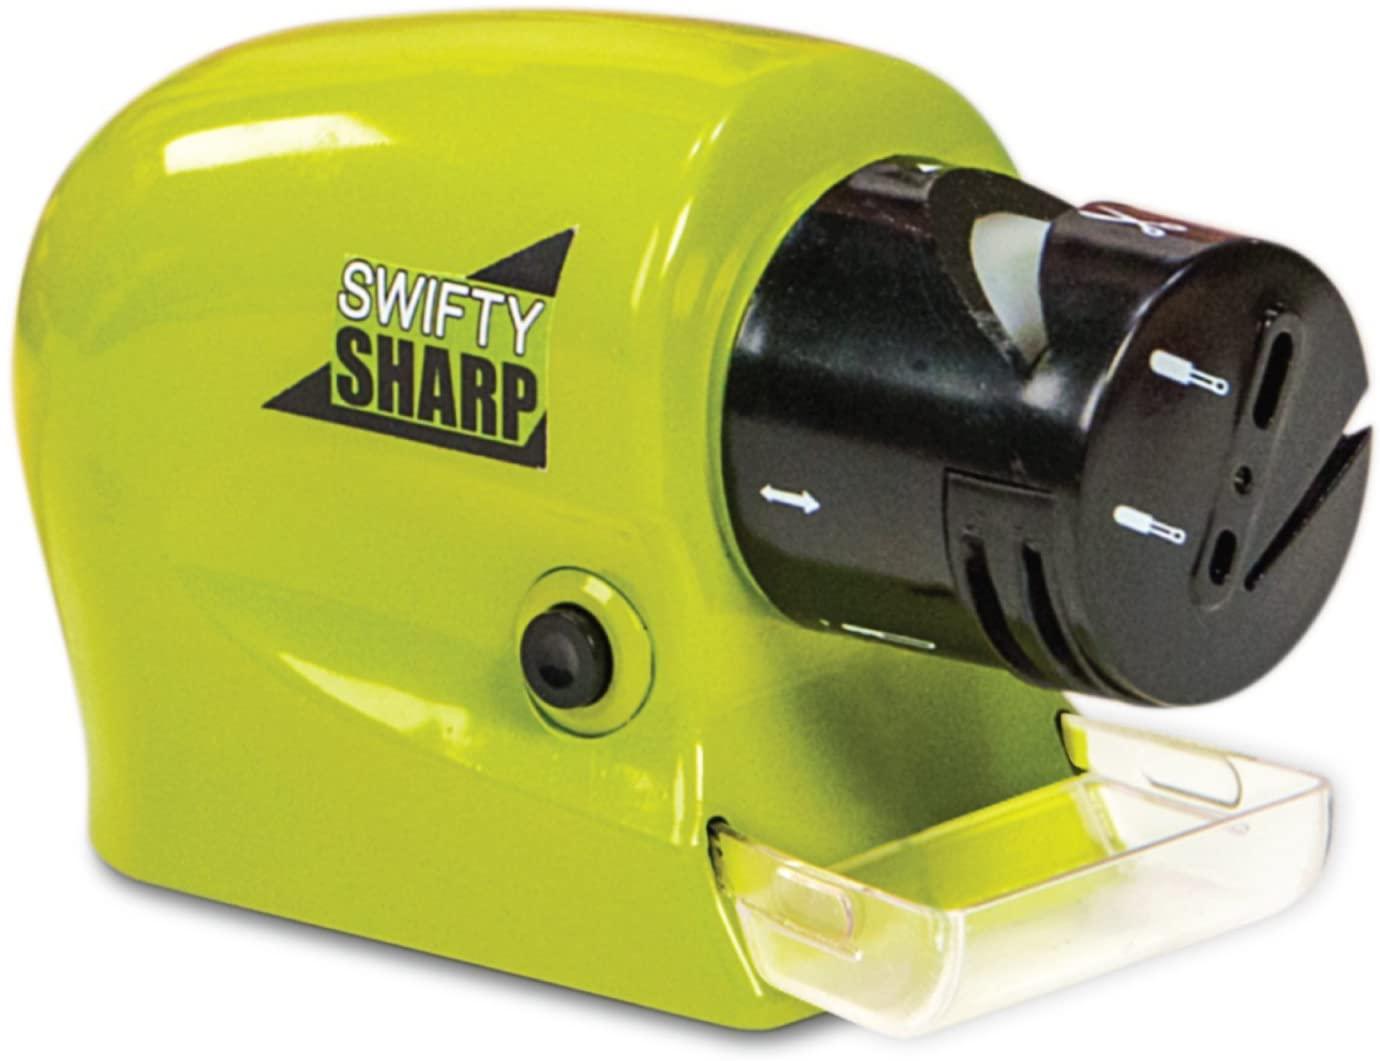 SWIFT SHARP